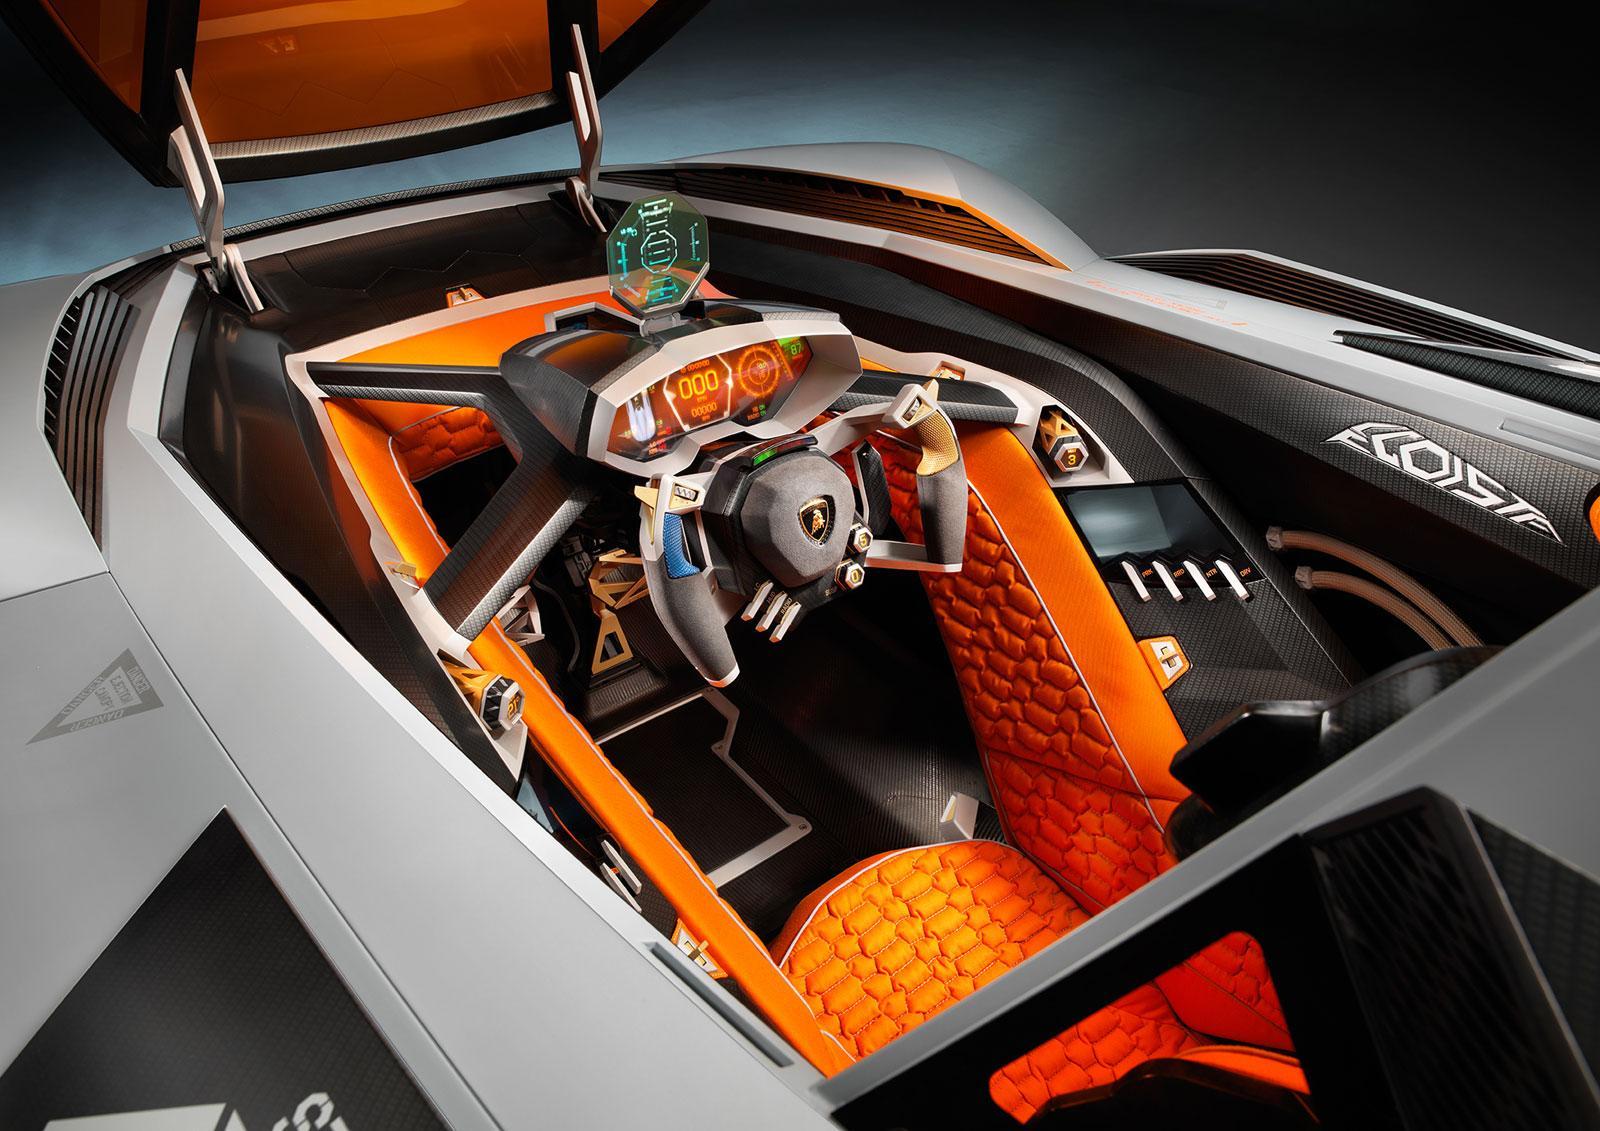 Lamborghini Egoista Concept Interior - Car Body Design